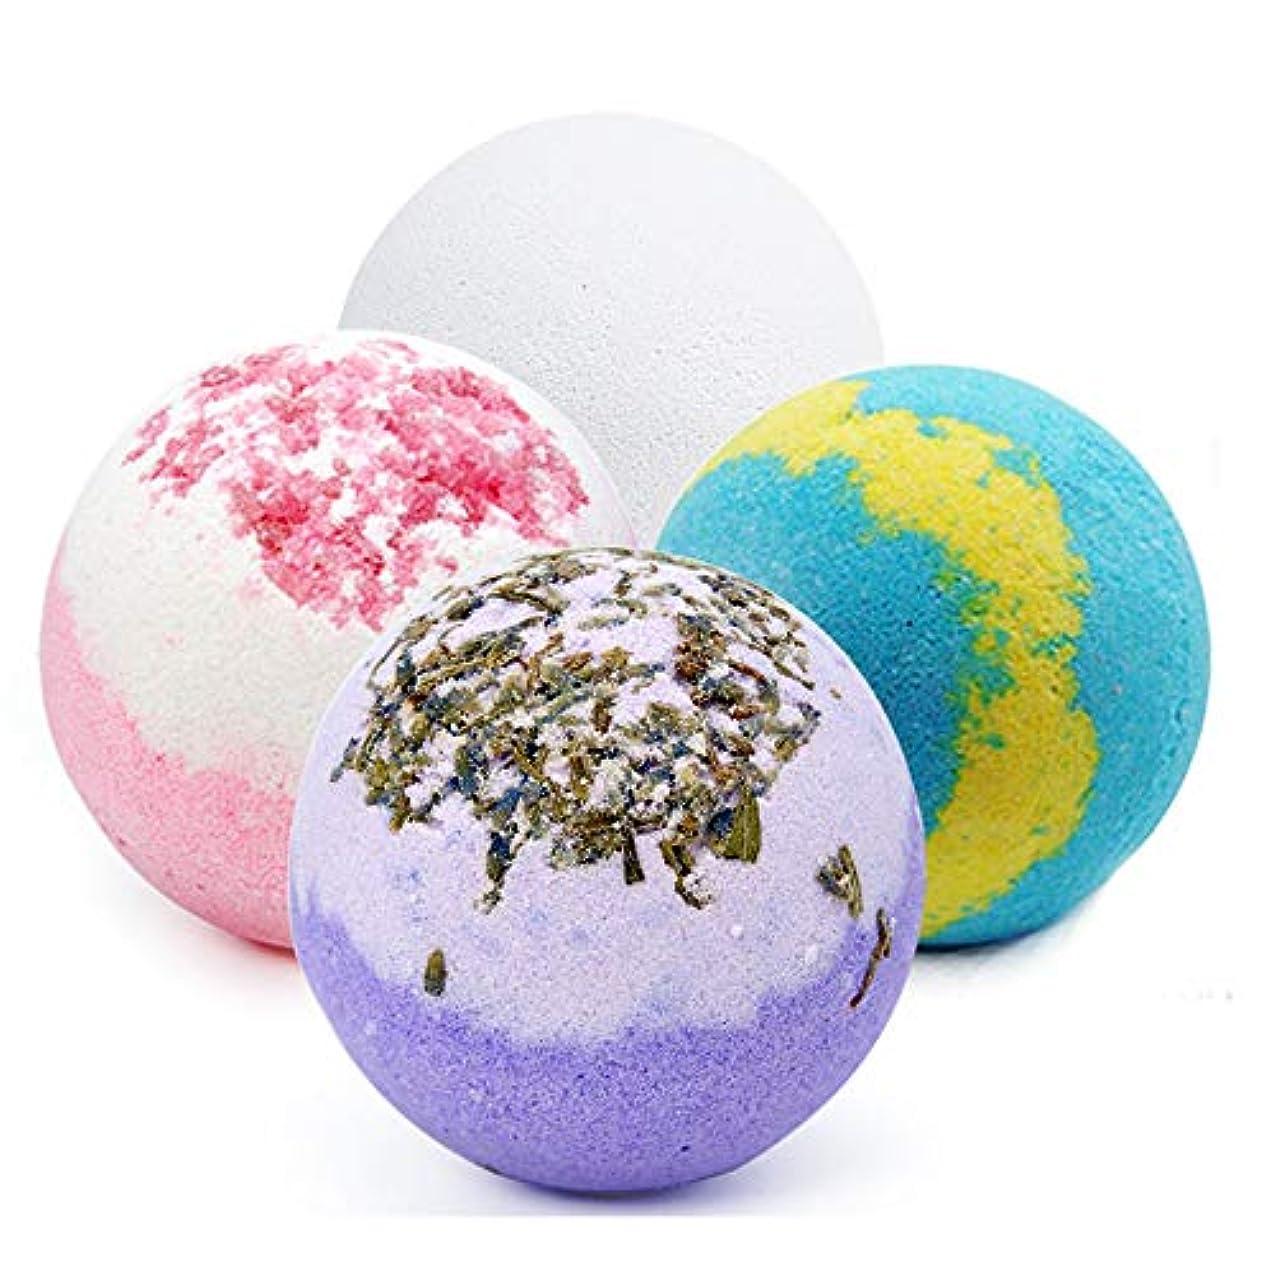 バスボム 入浴剤 炭酸 バスボール 6つの香り 手作り 入浴料 うるおいプラス お風呂用 入浴剤 ギフトセット4枚 プレゼント最適